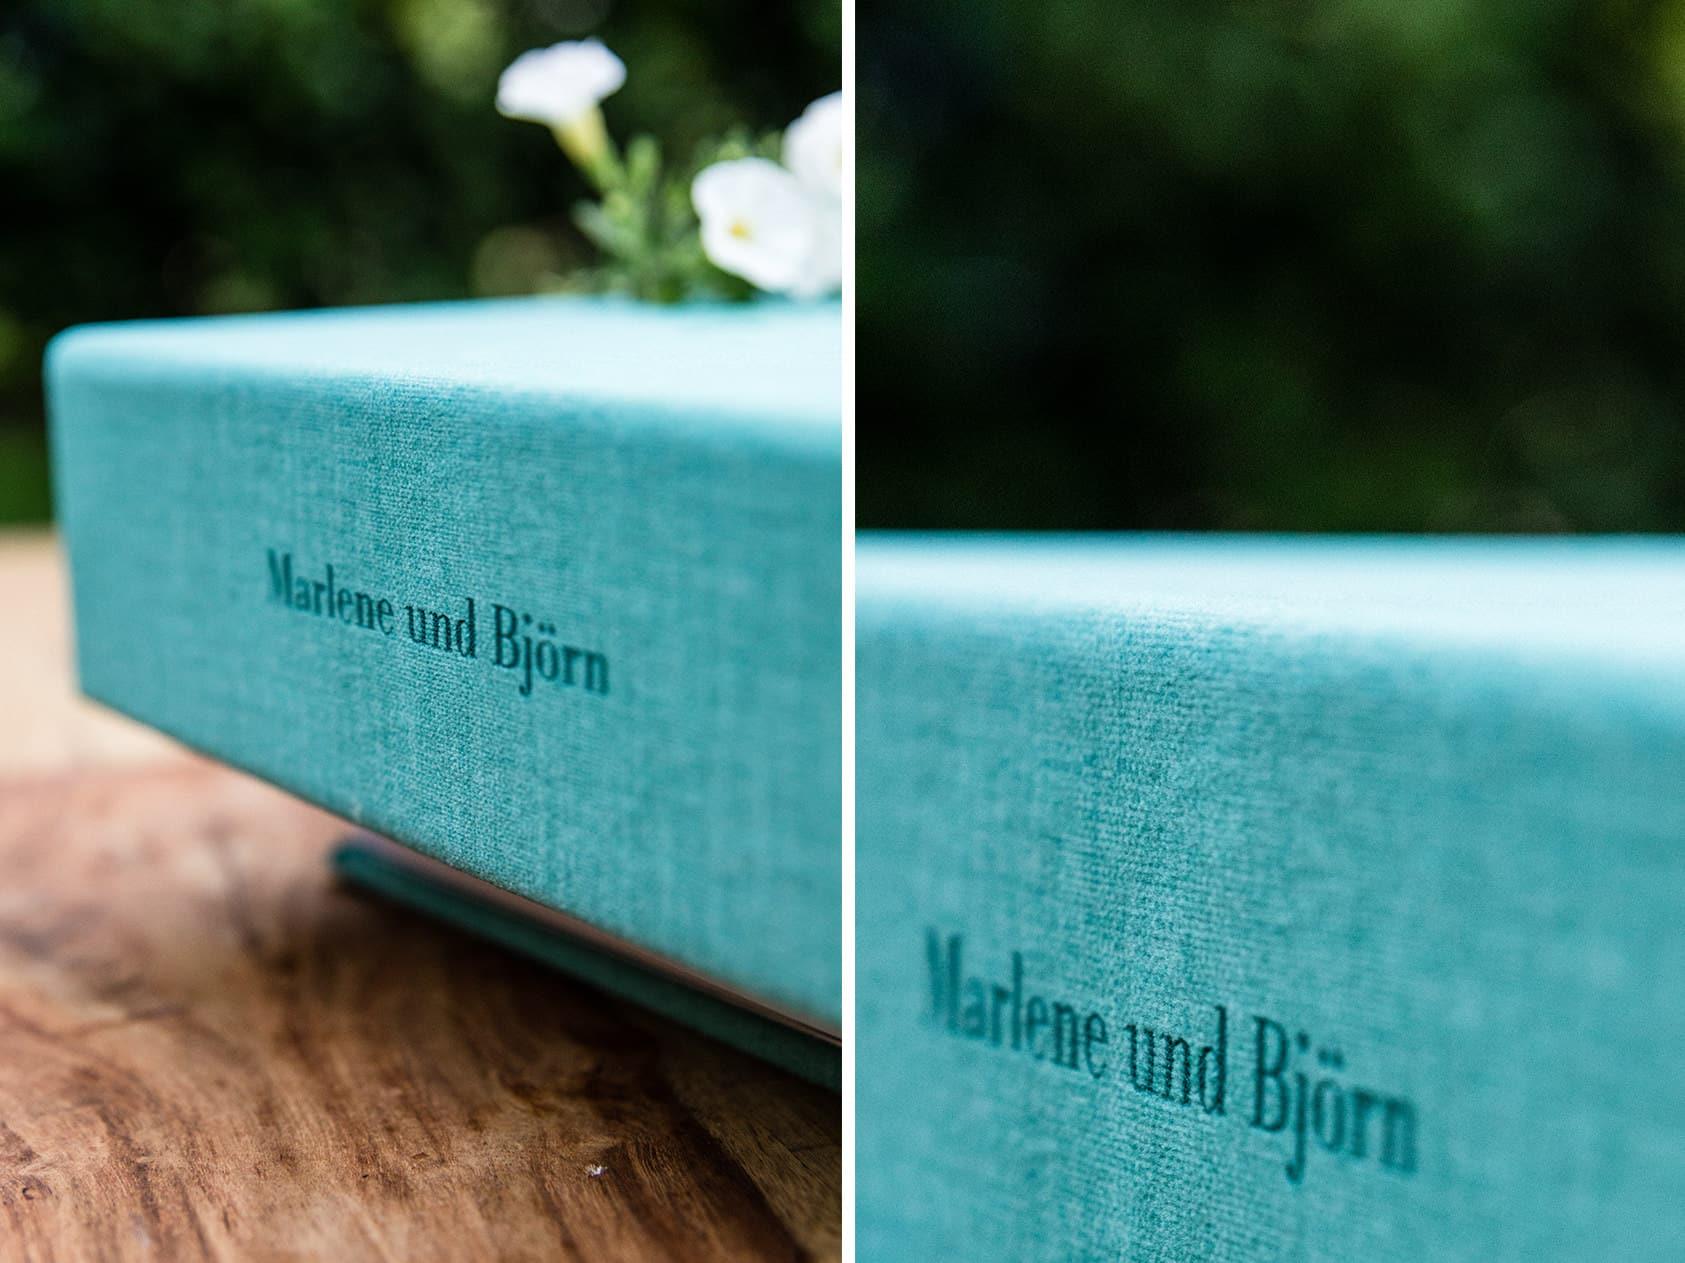 Hochzeitsalben, Fotoalbum, Vintageweddingalbum, Fotobuch, Erinnerung